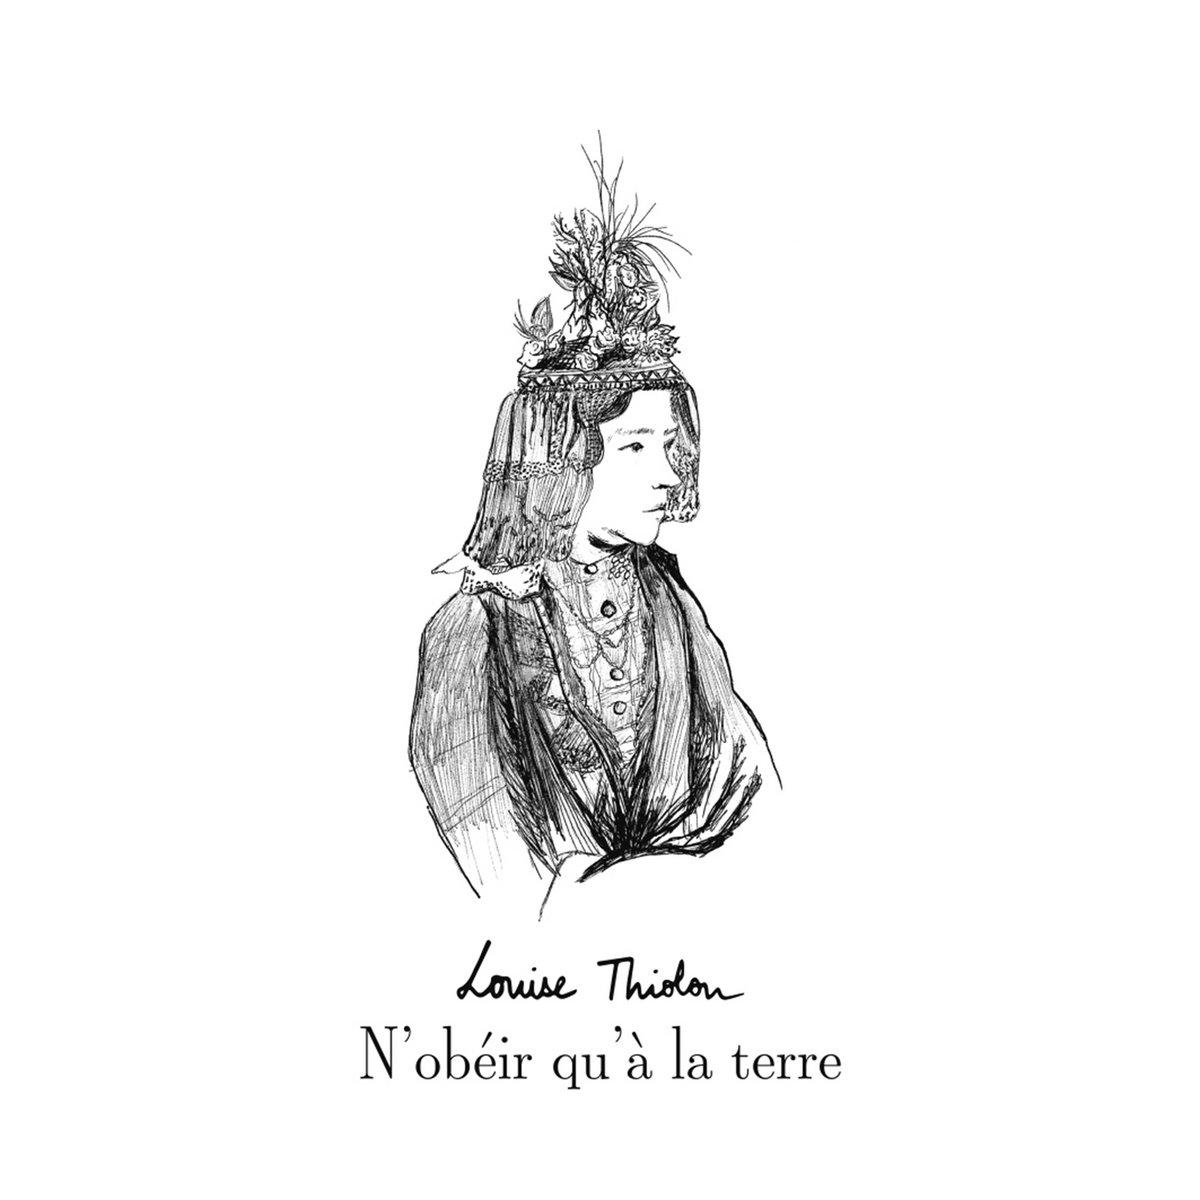 """Résultat de recherche d'images pour """"louise thiolon n'obéir qu'à la terre cd"""""""